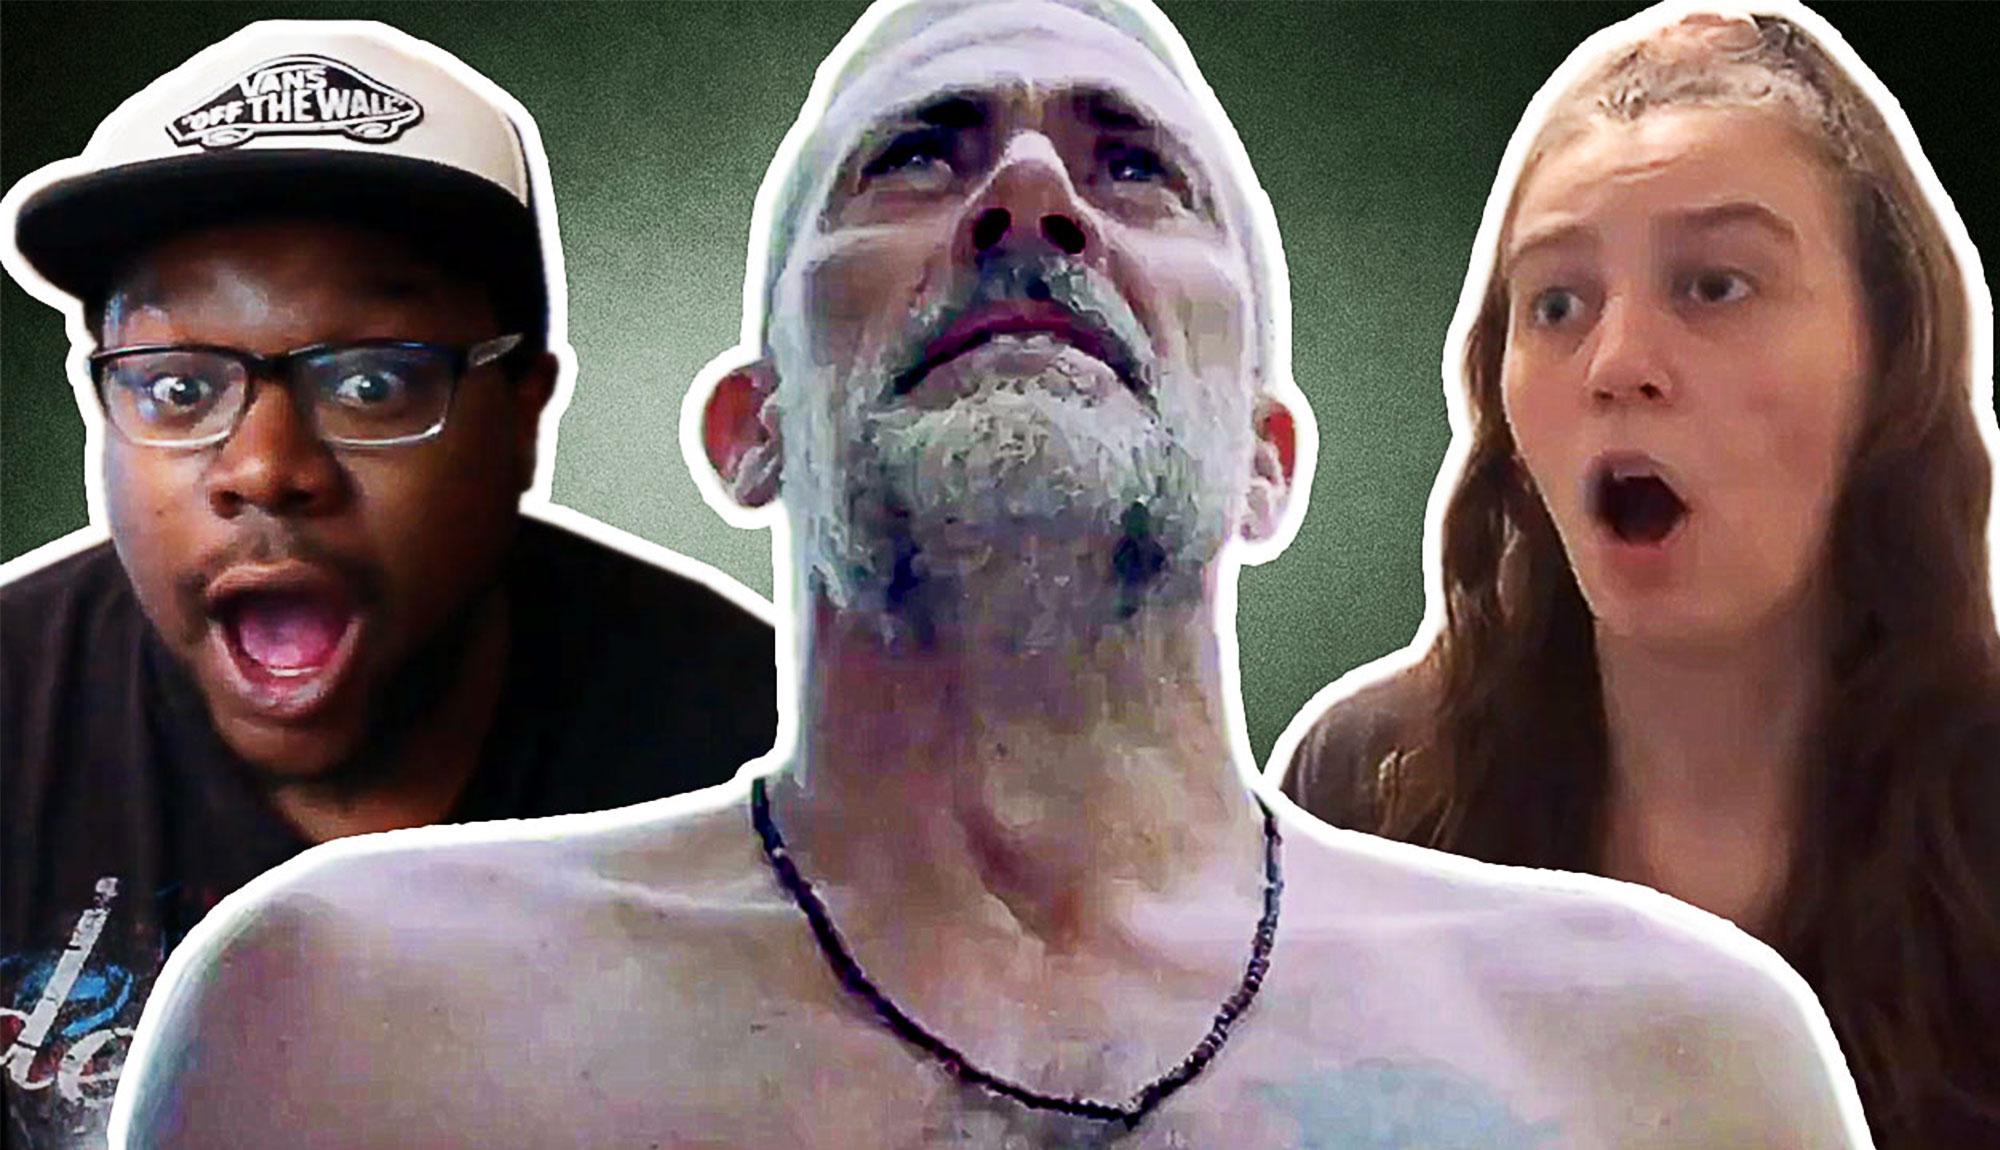 Fans React to The Walking Dead Season 10B Trailer